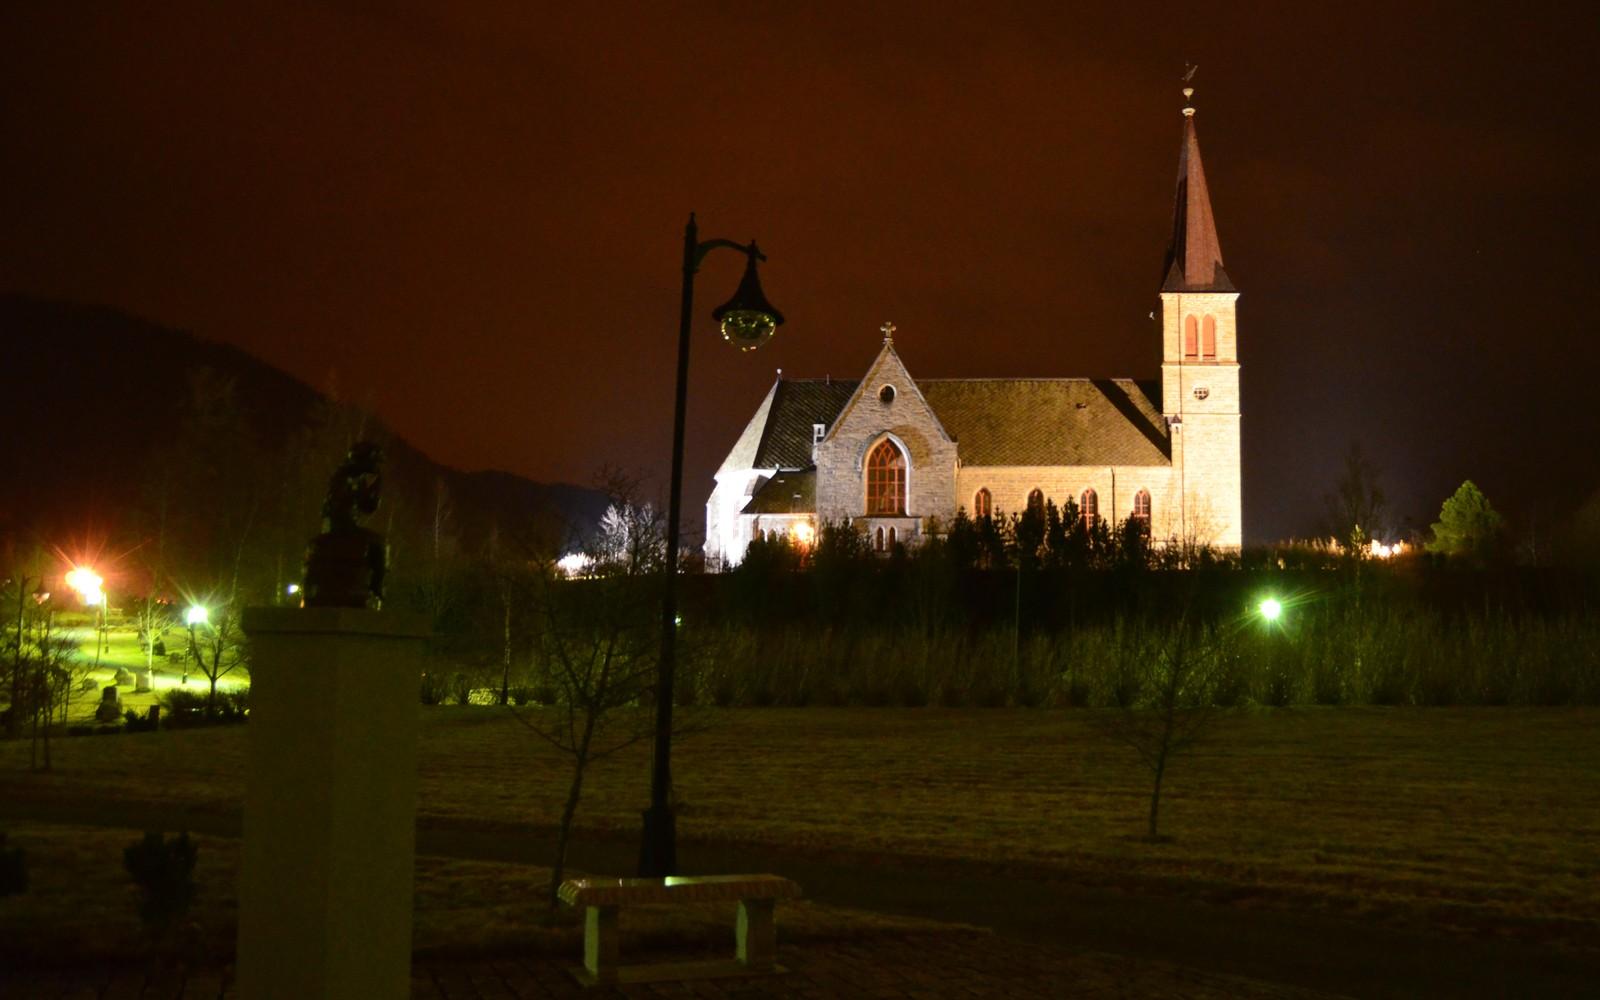 Melhus kirke